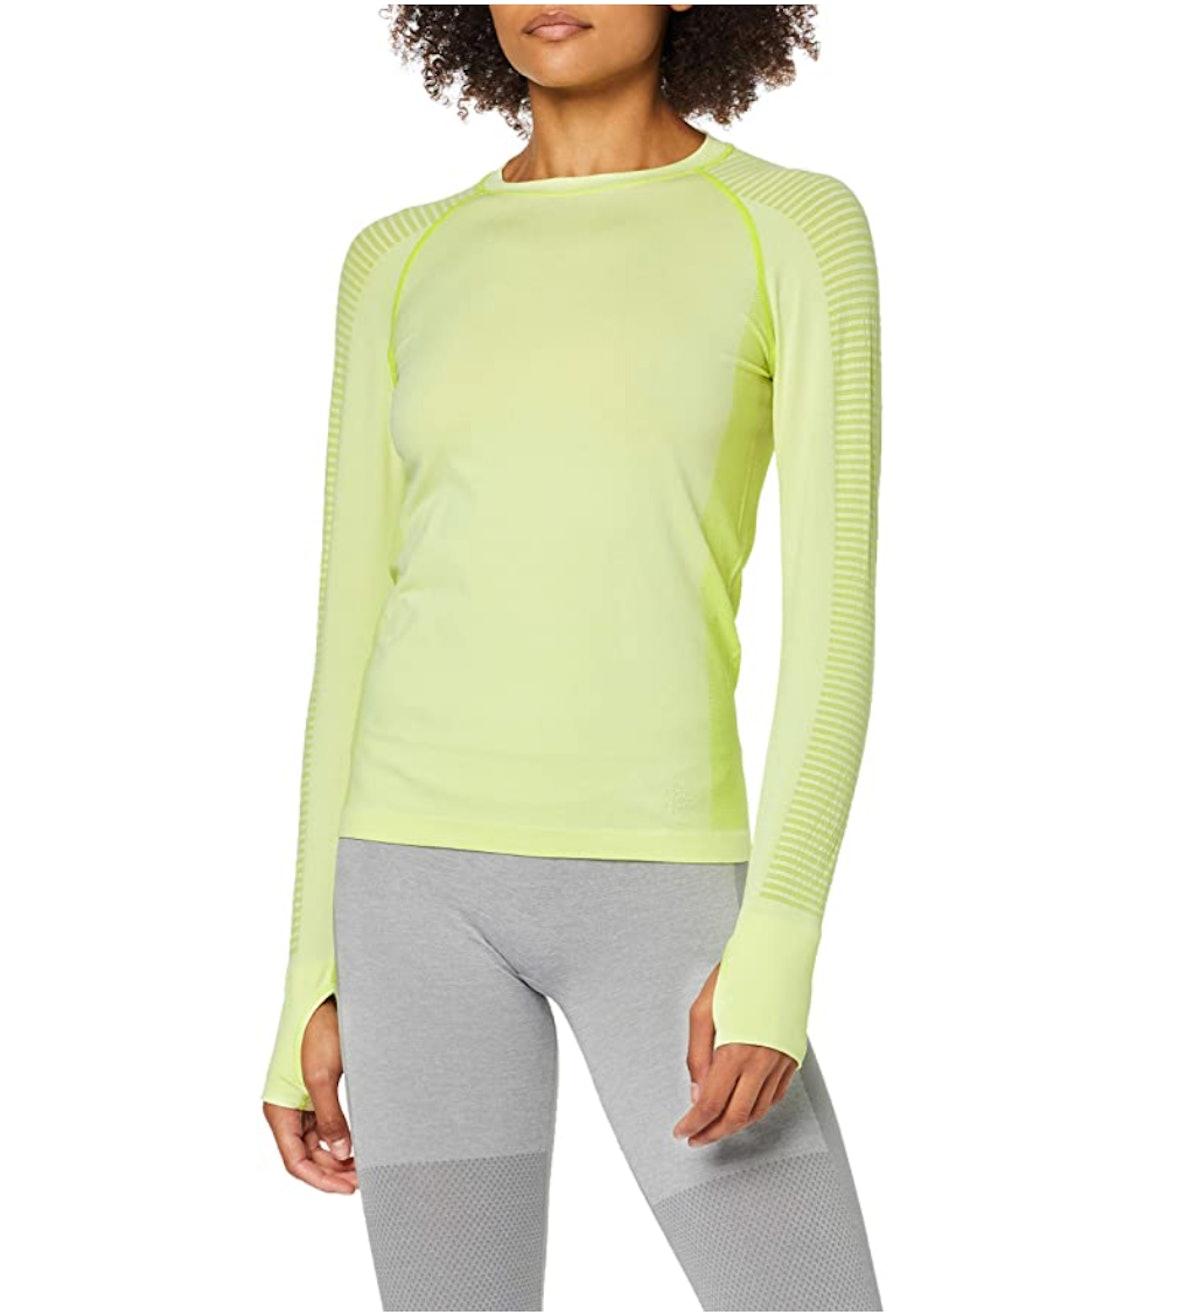 AURIQUE Women's Long Sleeve Sports Top